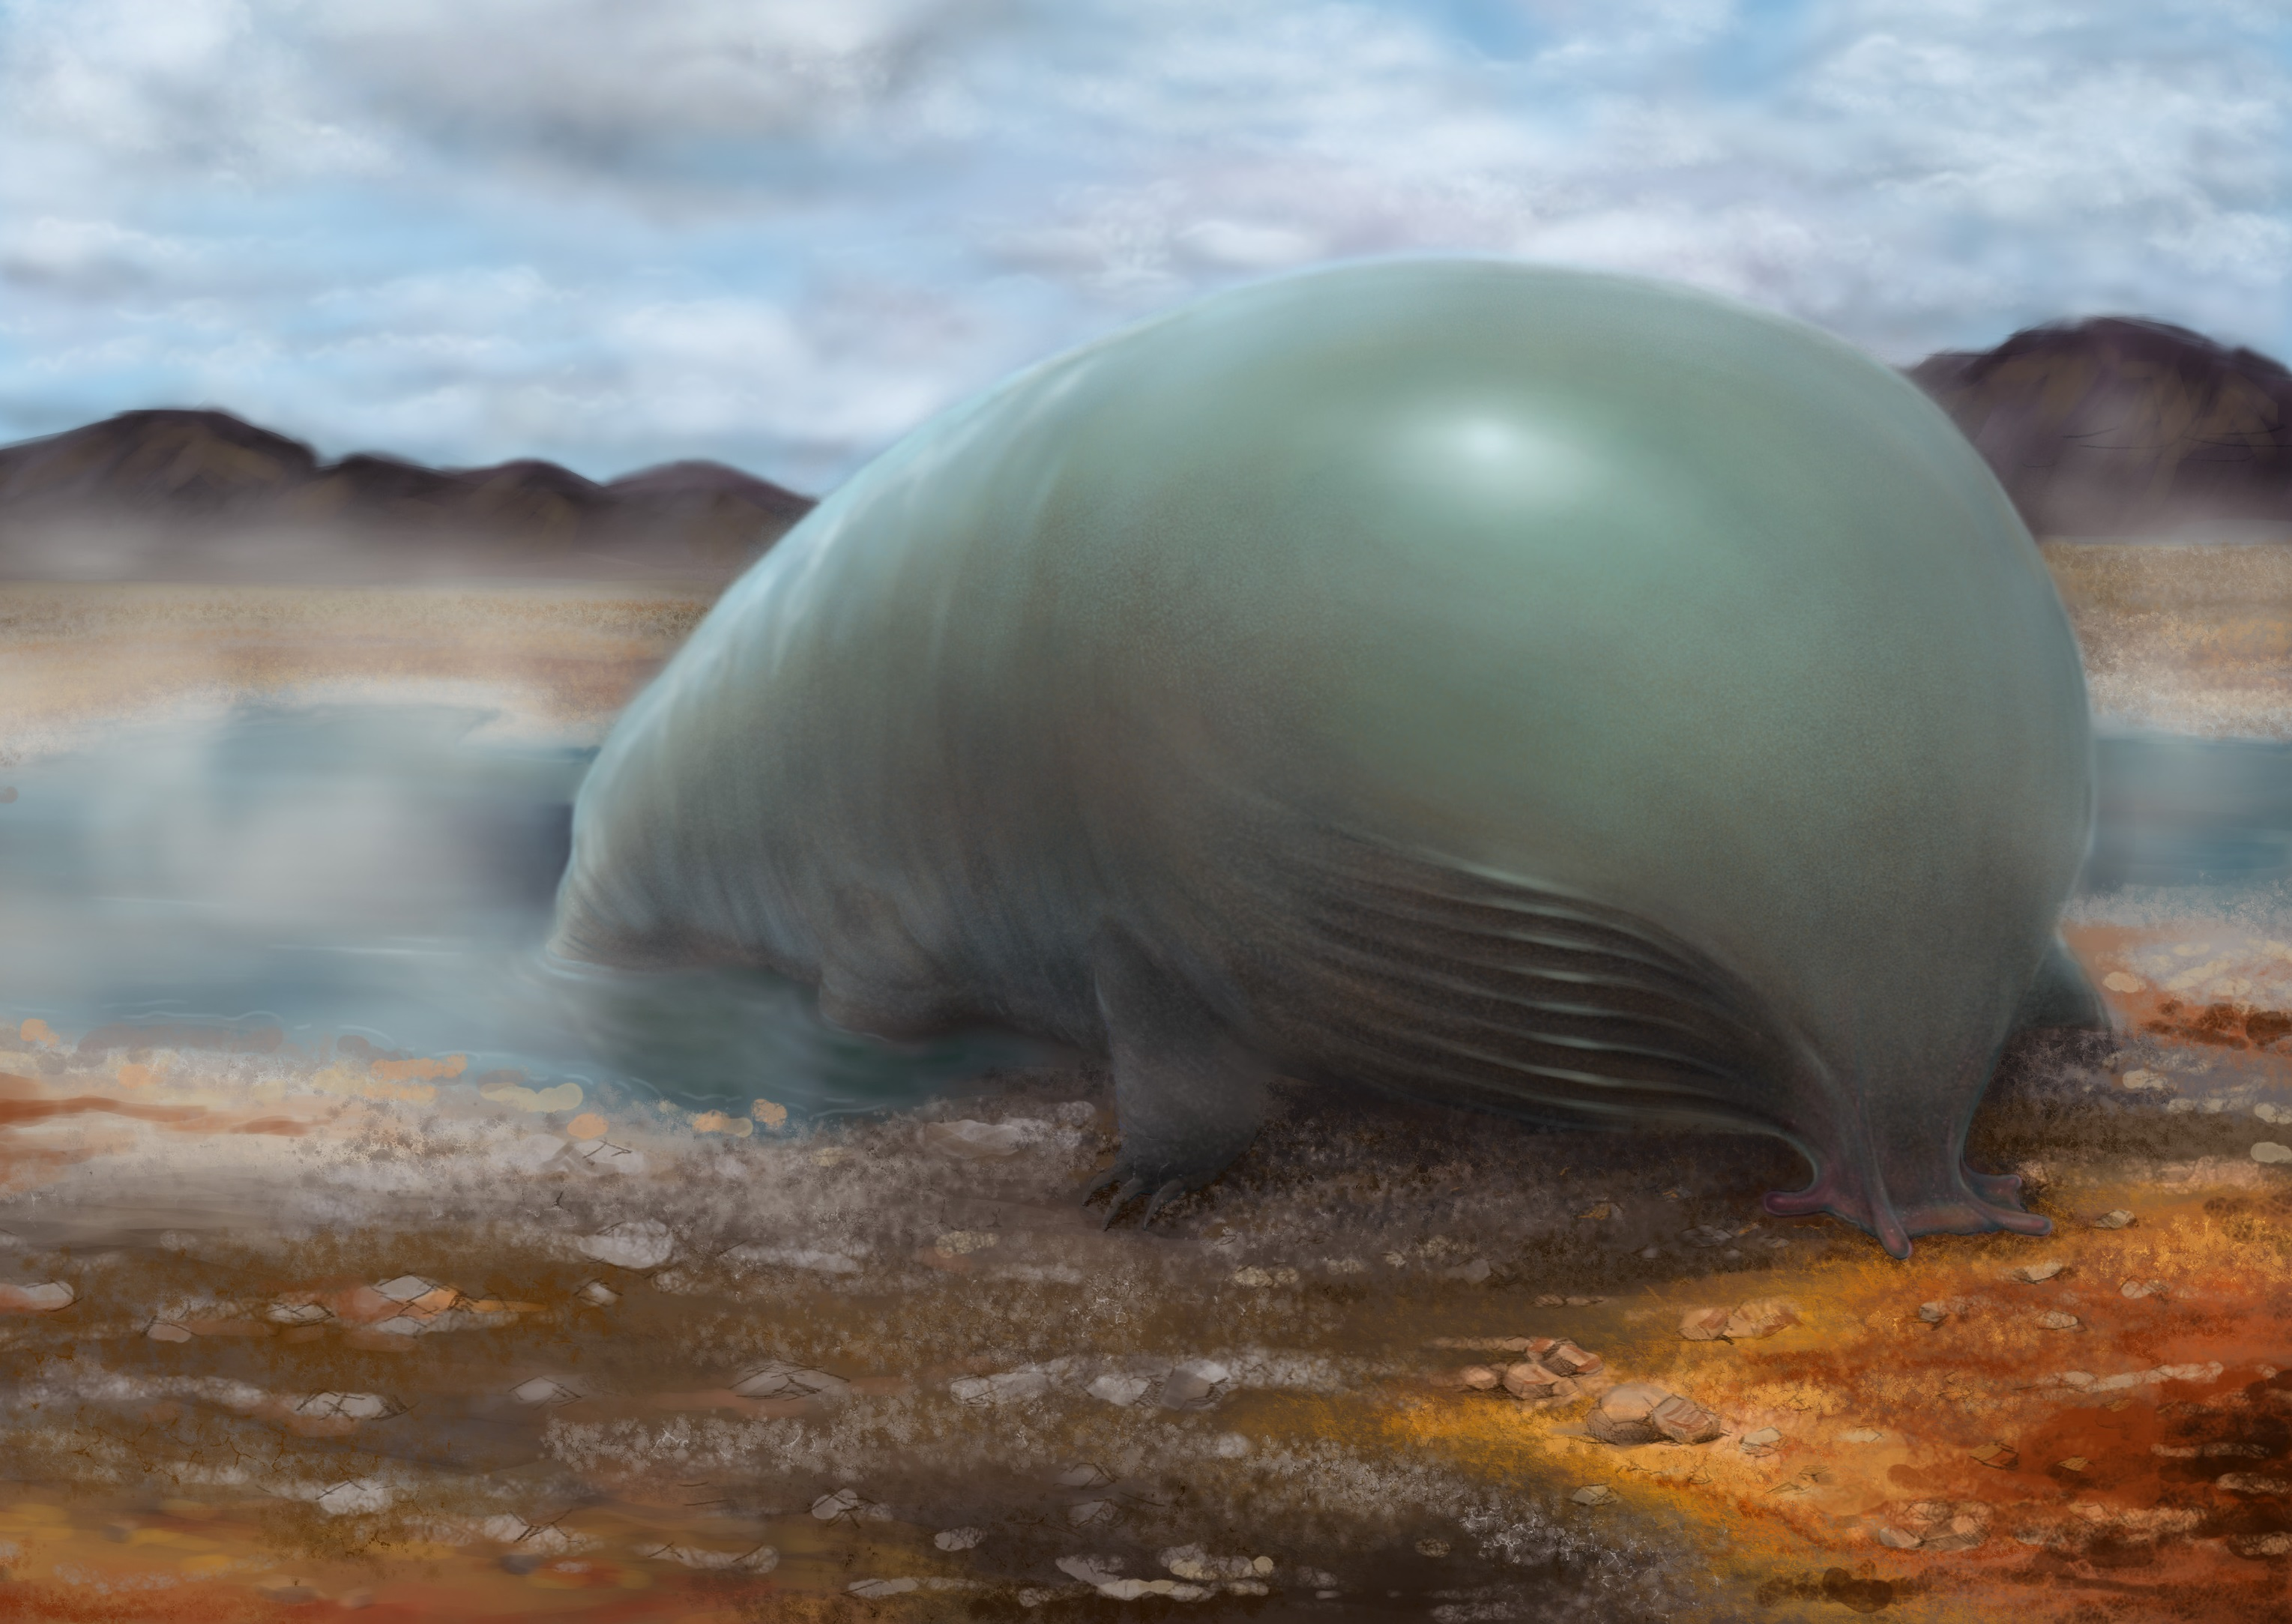 Visión artística de vida extraterrestre hecha de silicio.  © Lei Chen et Yan Liang, Caltech